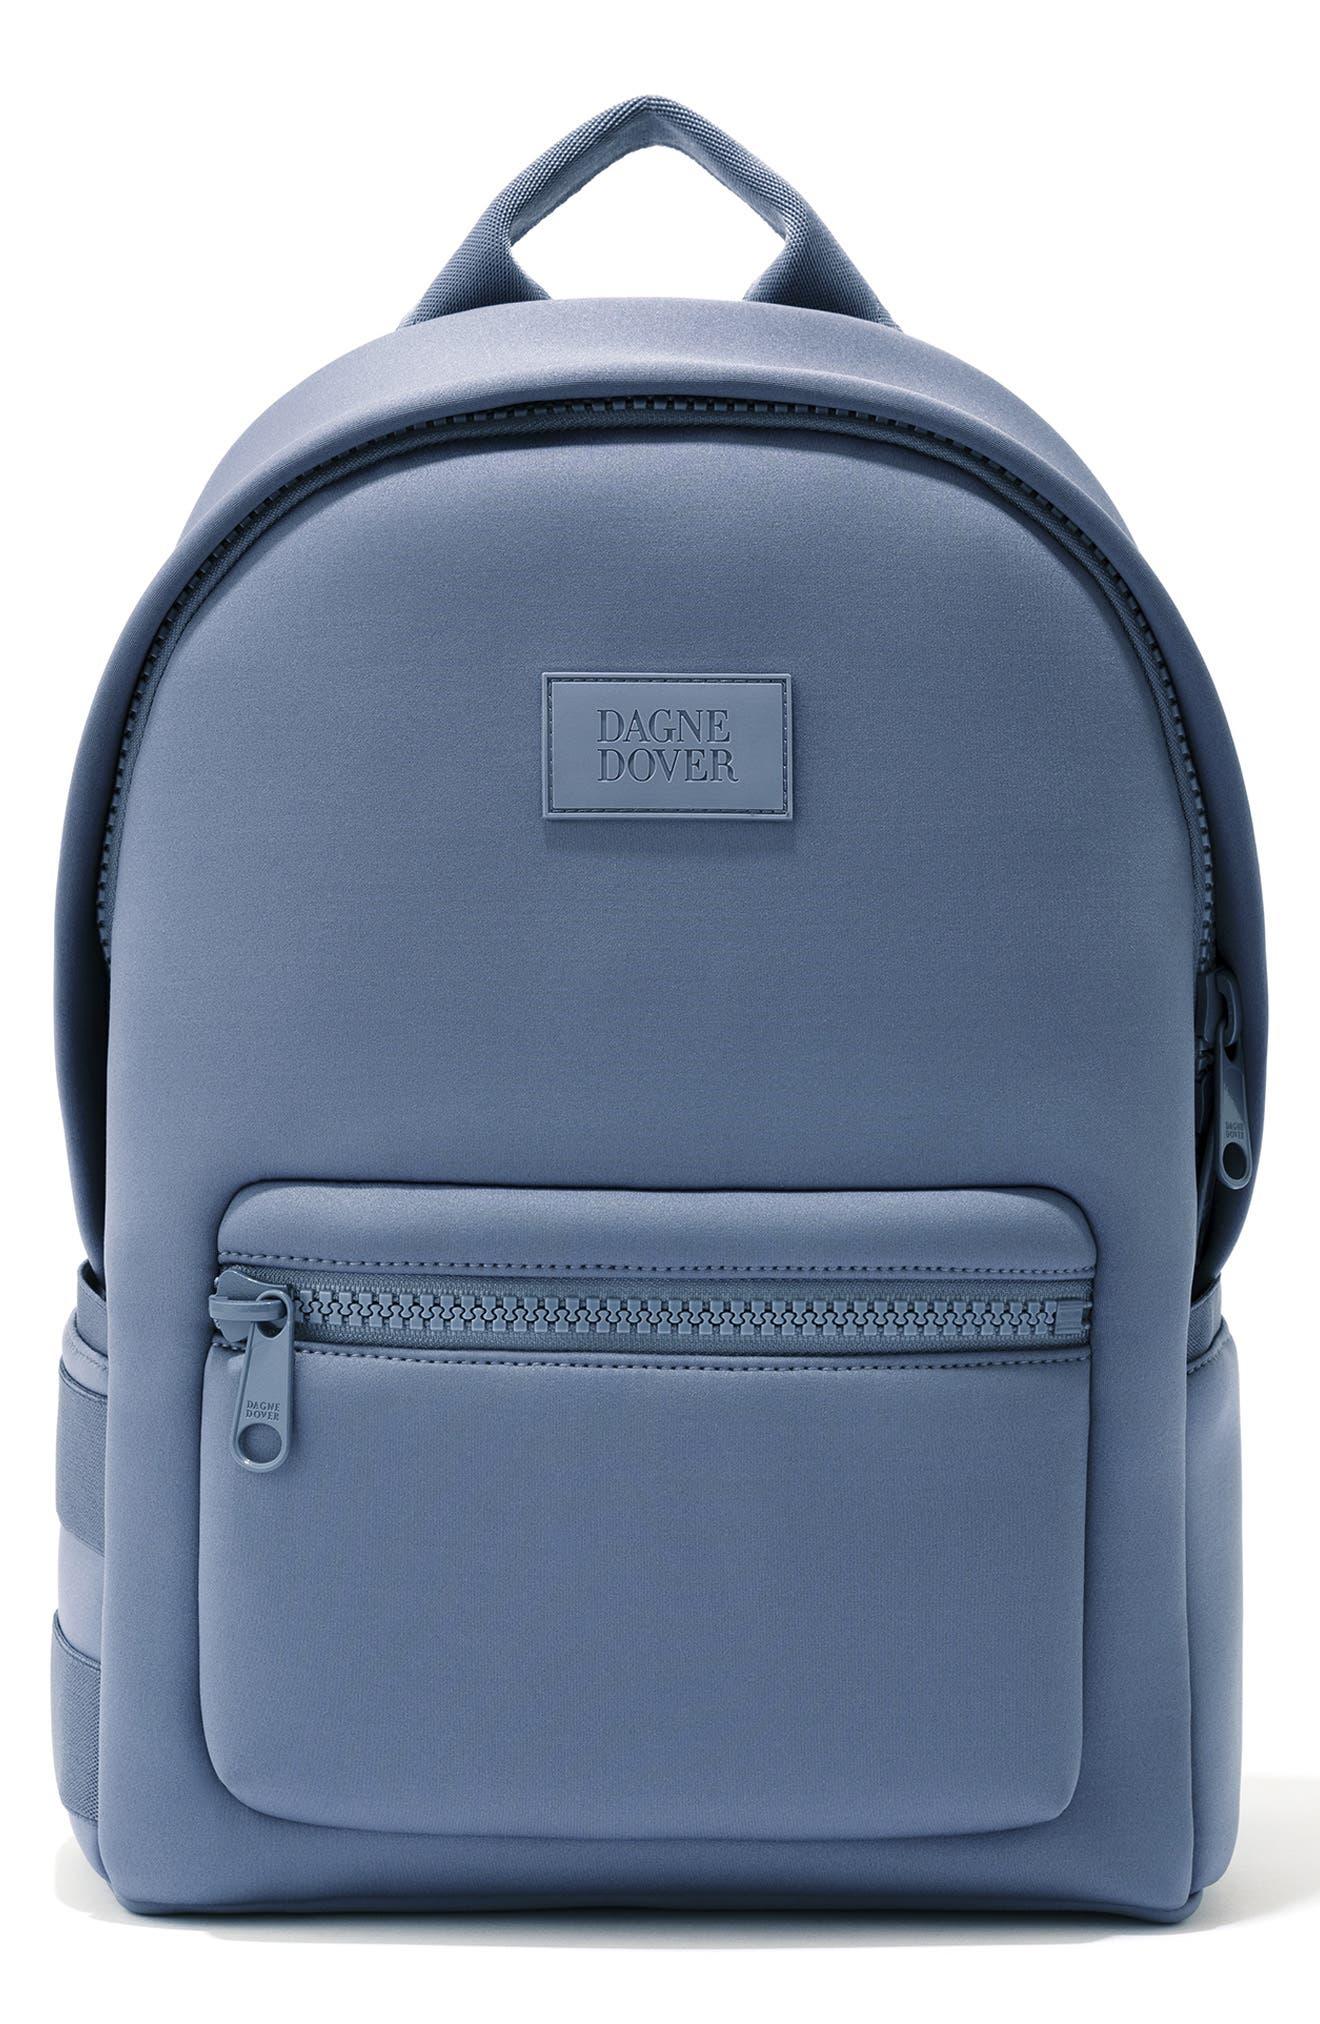 DAGNE DOVER 365 Dakota Neoprene Backpack - Blue in Ash Blue